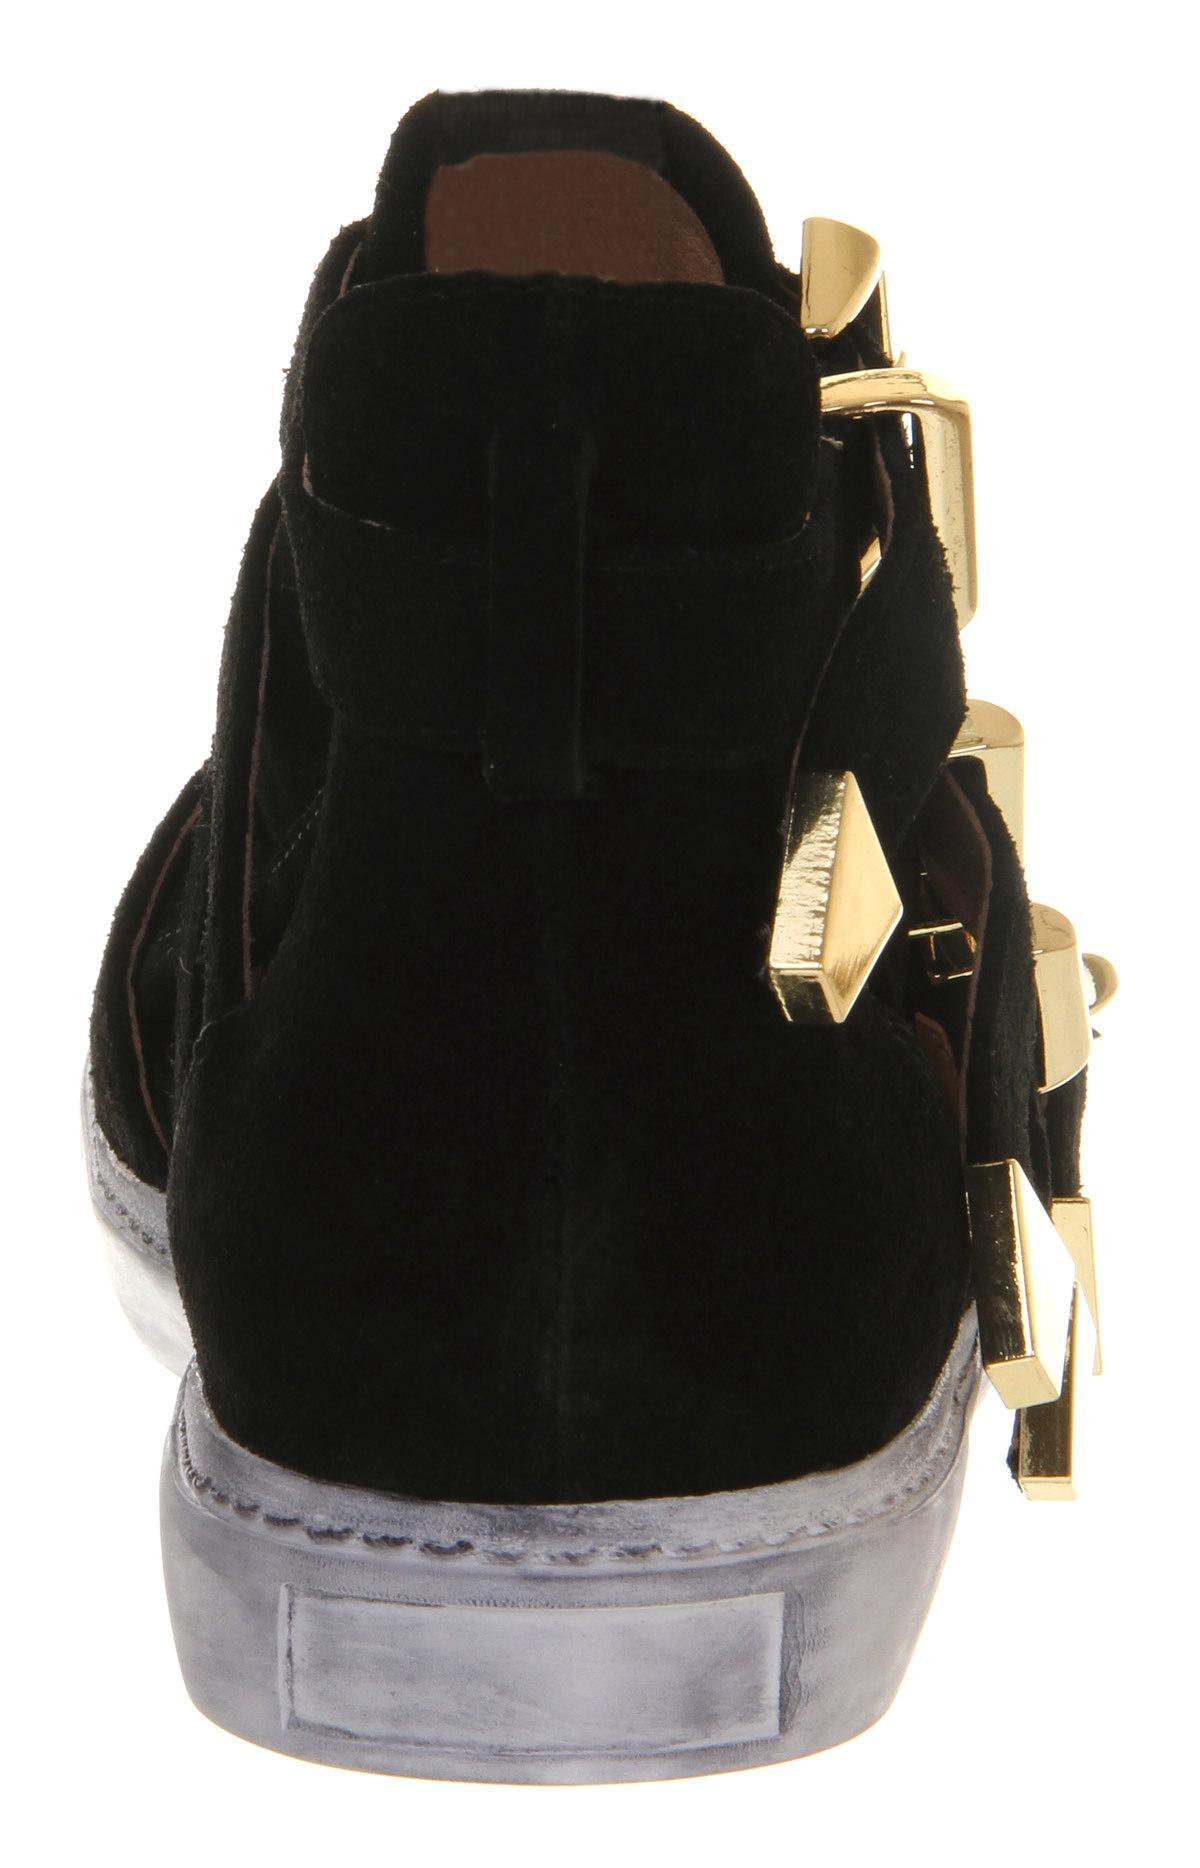 Jeffrey Campbell Indie Hi Cut Sneaker in Black